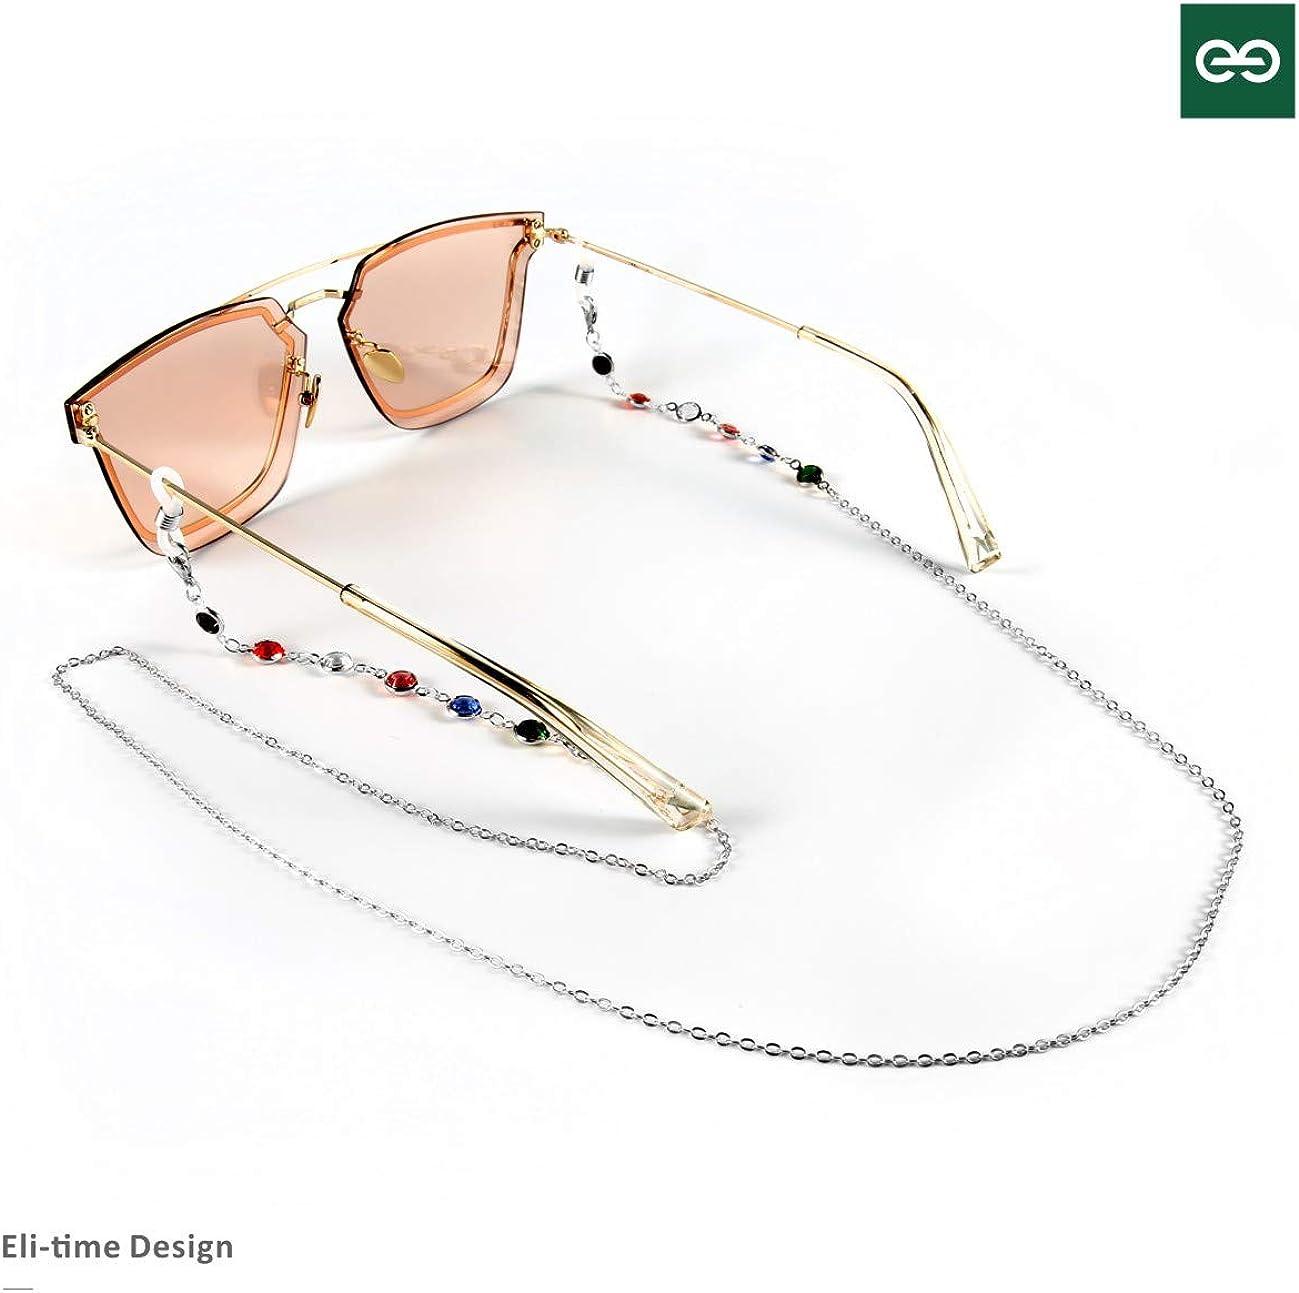 Eli-time Brillenketten f/ür Damen//Herren Bunte Glasschnur-Sonnenbrillen ketten//Brillenhalter//Brillenhalsketten mit rutschfesten Silikonenden f/ür Mehrfachanwendungen